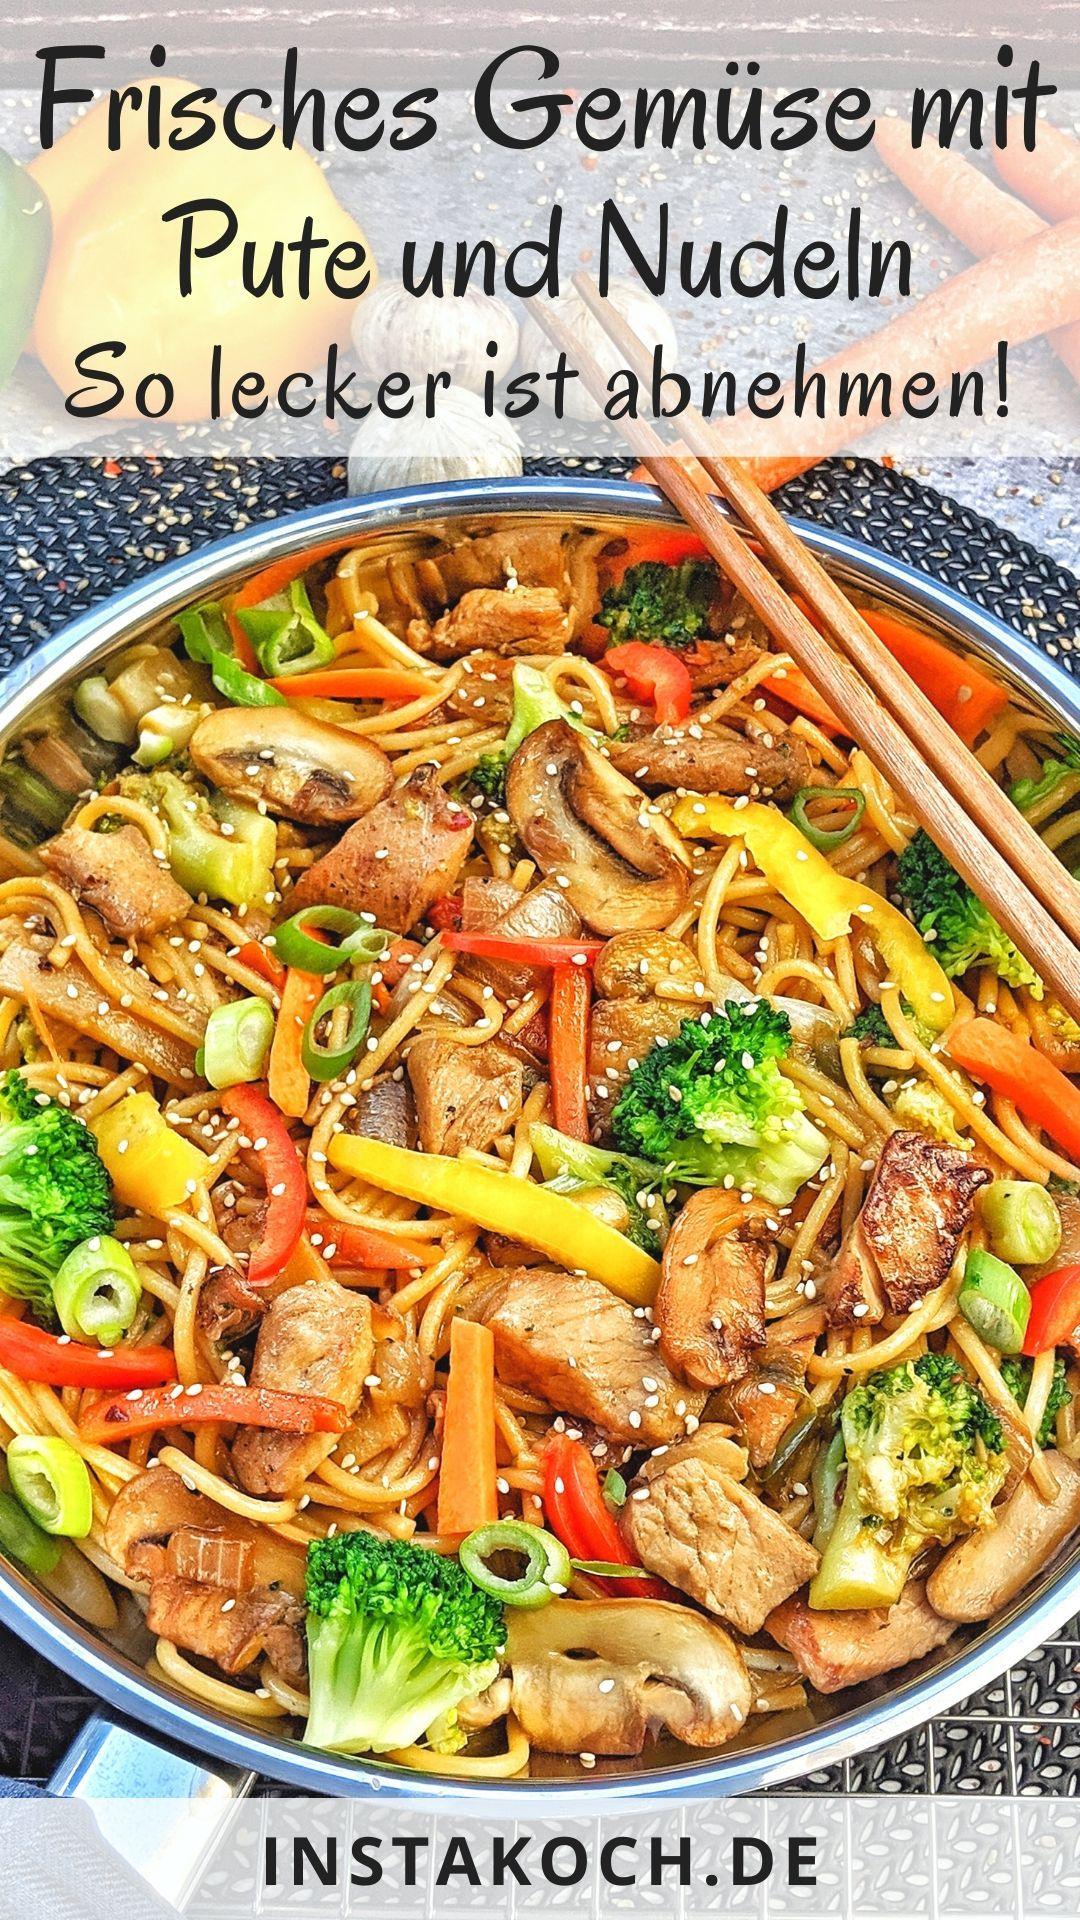 Frisches Gemüse mit Pute und Nudeln  leicht und lecker abnehmen mit Erfolg Frisches Asia Gemüse mit Pute und Nudeln wie beim Chinesen schnell und einfach selbst...